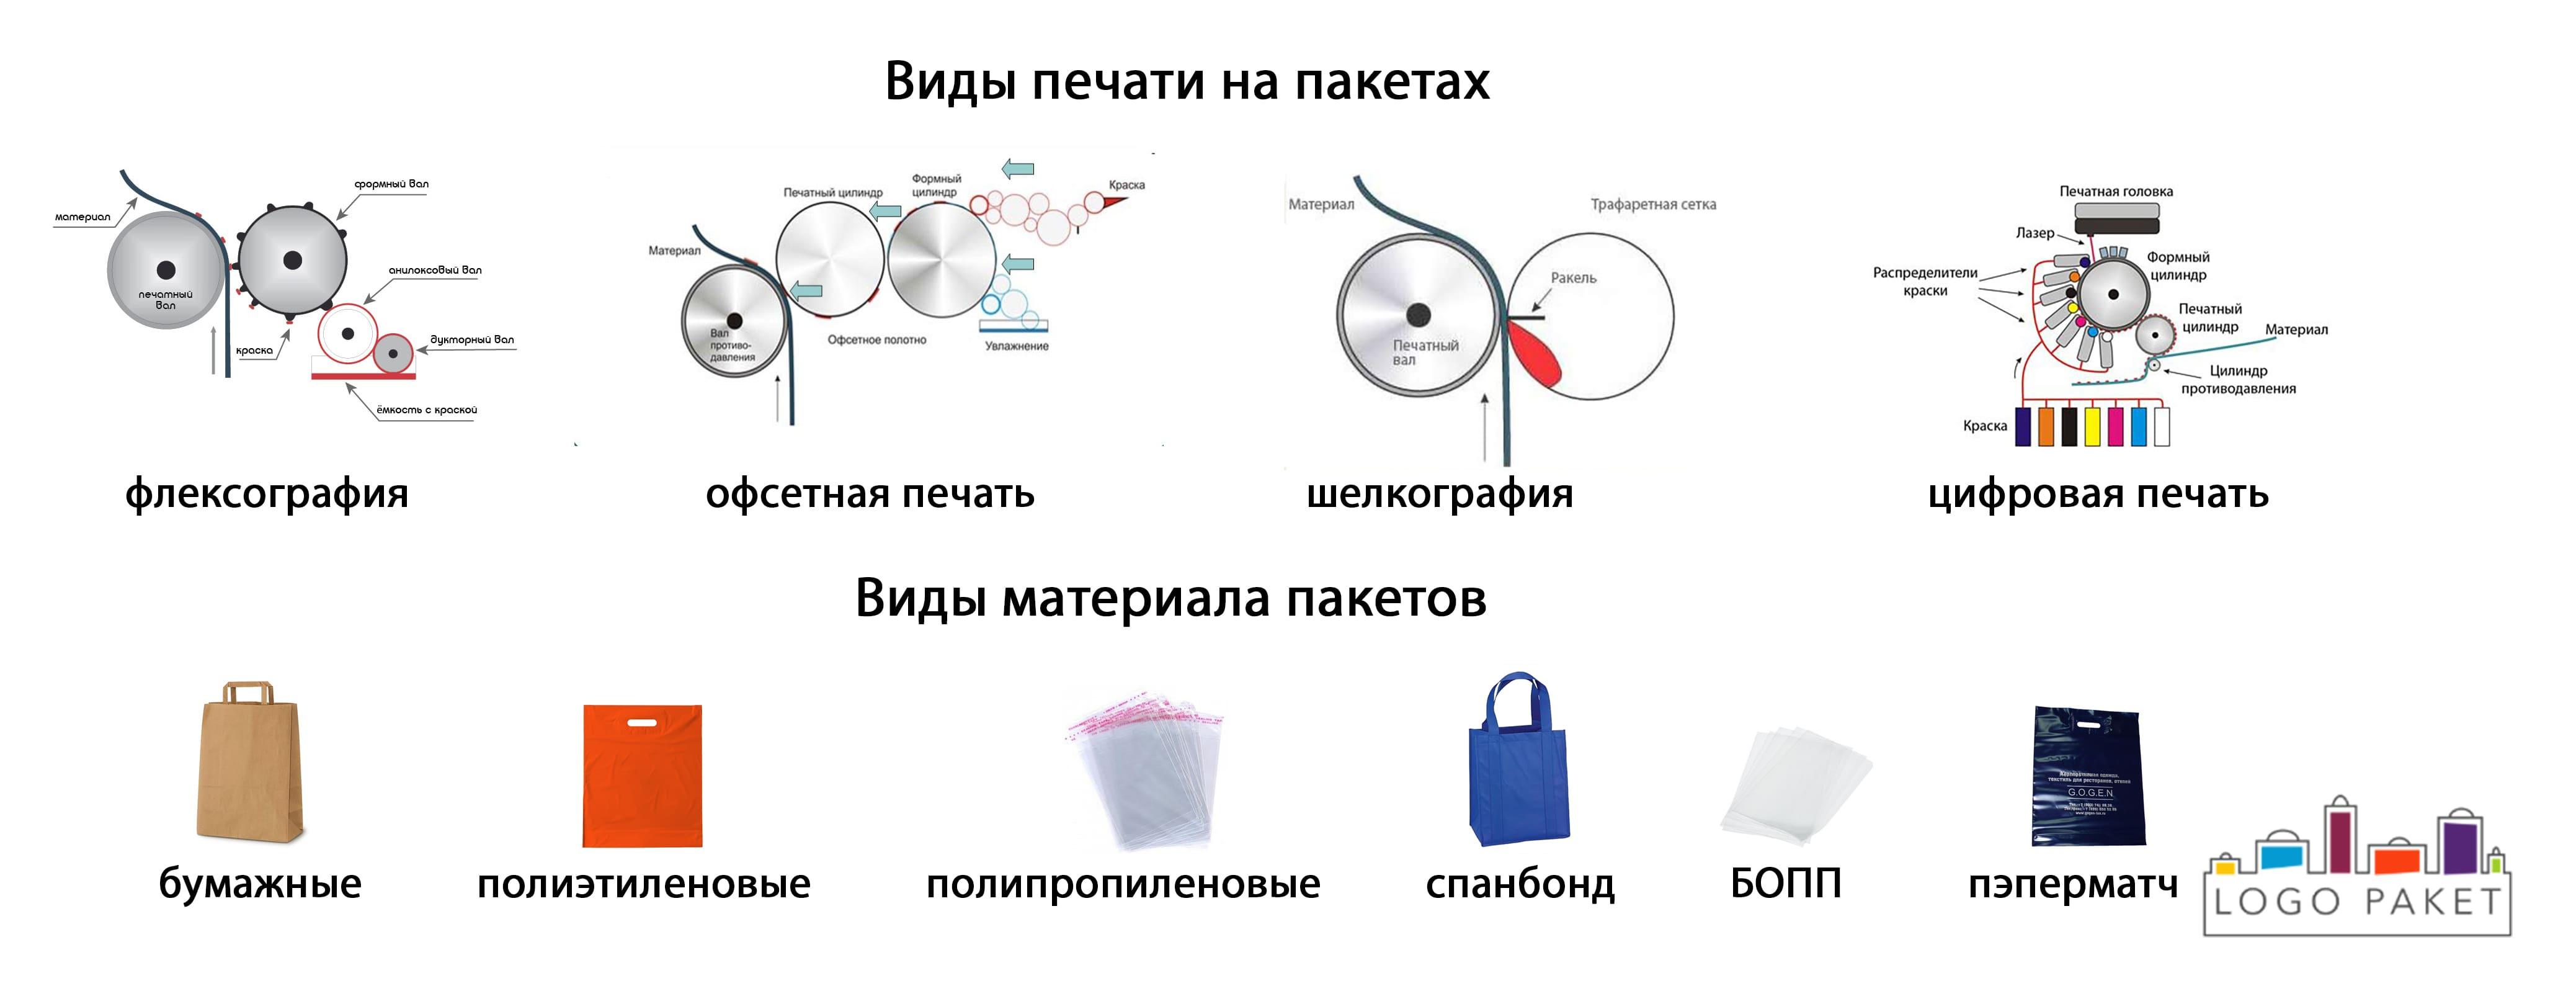 Печать на пакетах инфографика